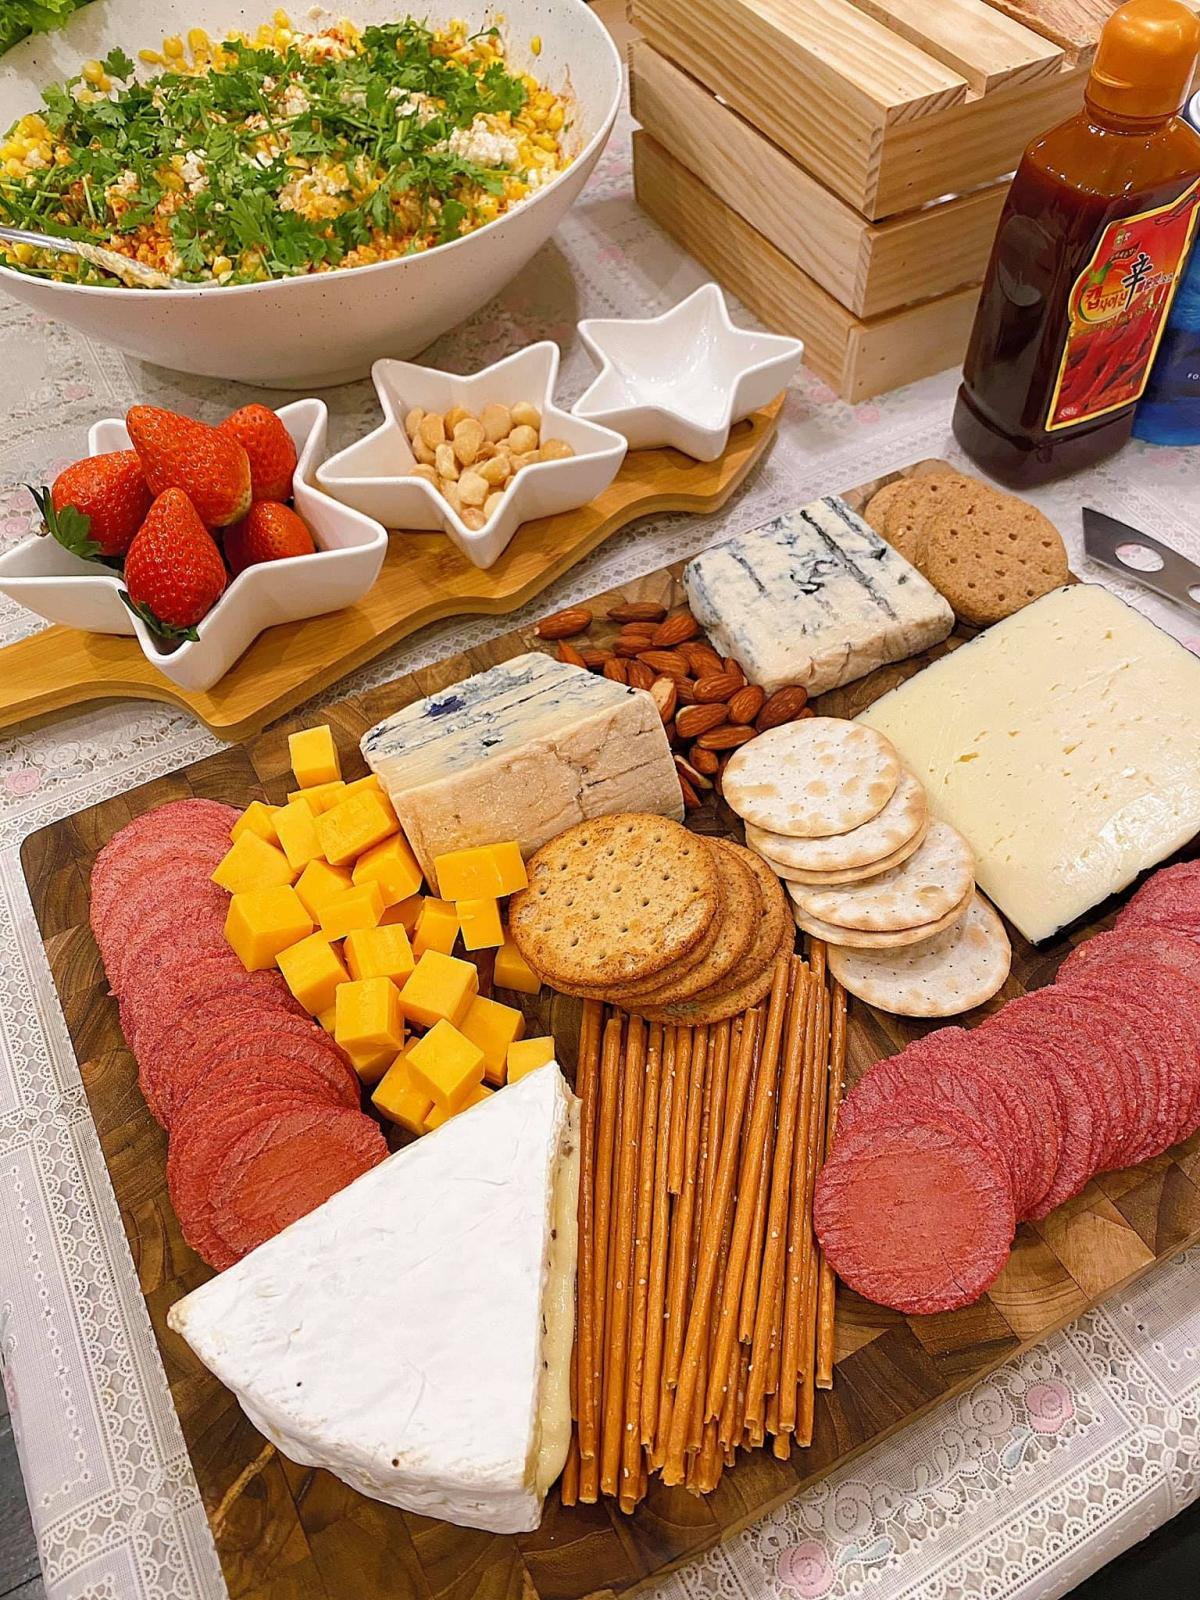 Bên cạnh đó, đĩa phô mai tổng hợp là một trong những món đãi khách đơn giản, đẹp mắt và được yêu thích trong các bữa tiệc nhẹ của người phương Tây. Hơn nữa, phô mai bào kết hợp với pasta tỏi trở thành bộ đôi lý tưởng, dễ dàng chinh phục thực khách khó tính.